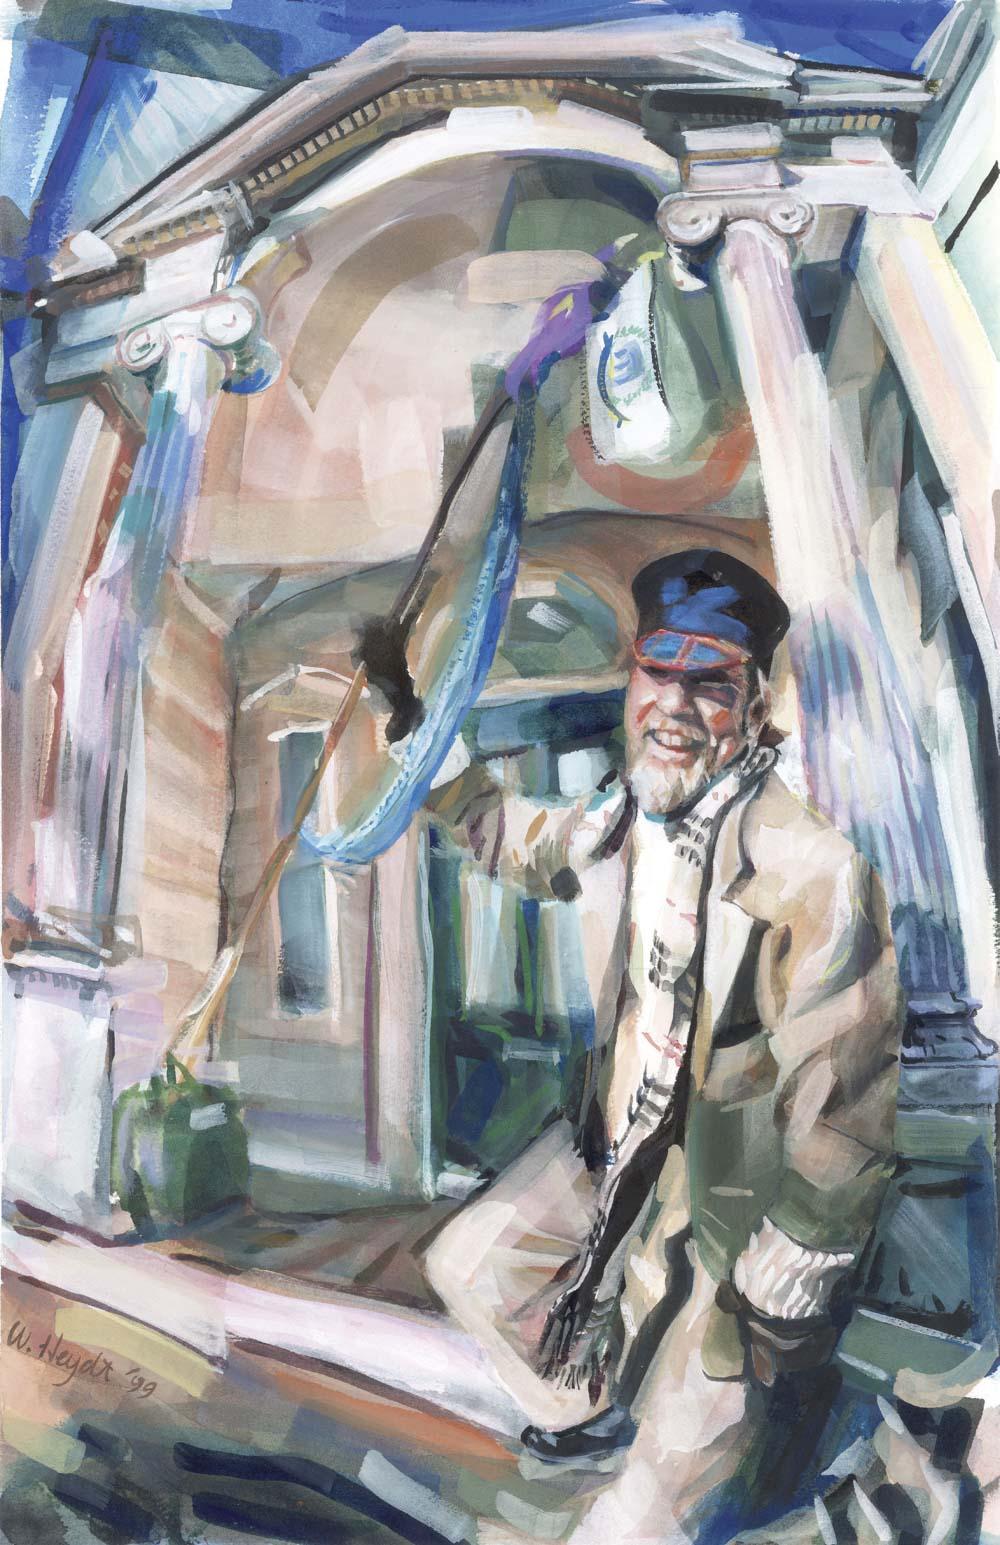 G. Brian Sullivan, Newport's Doctor of Love